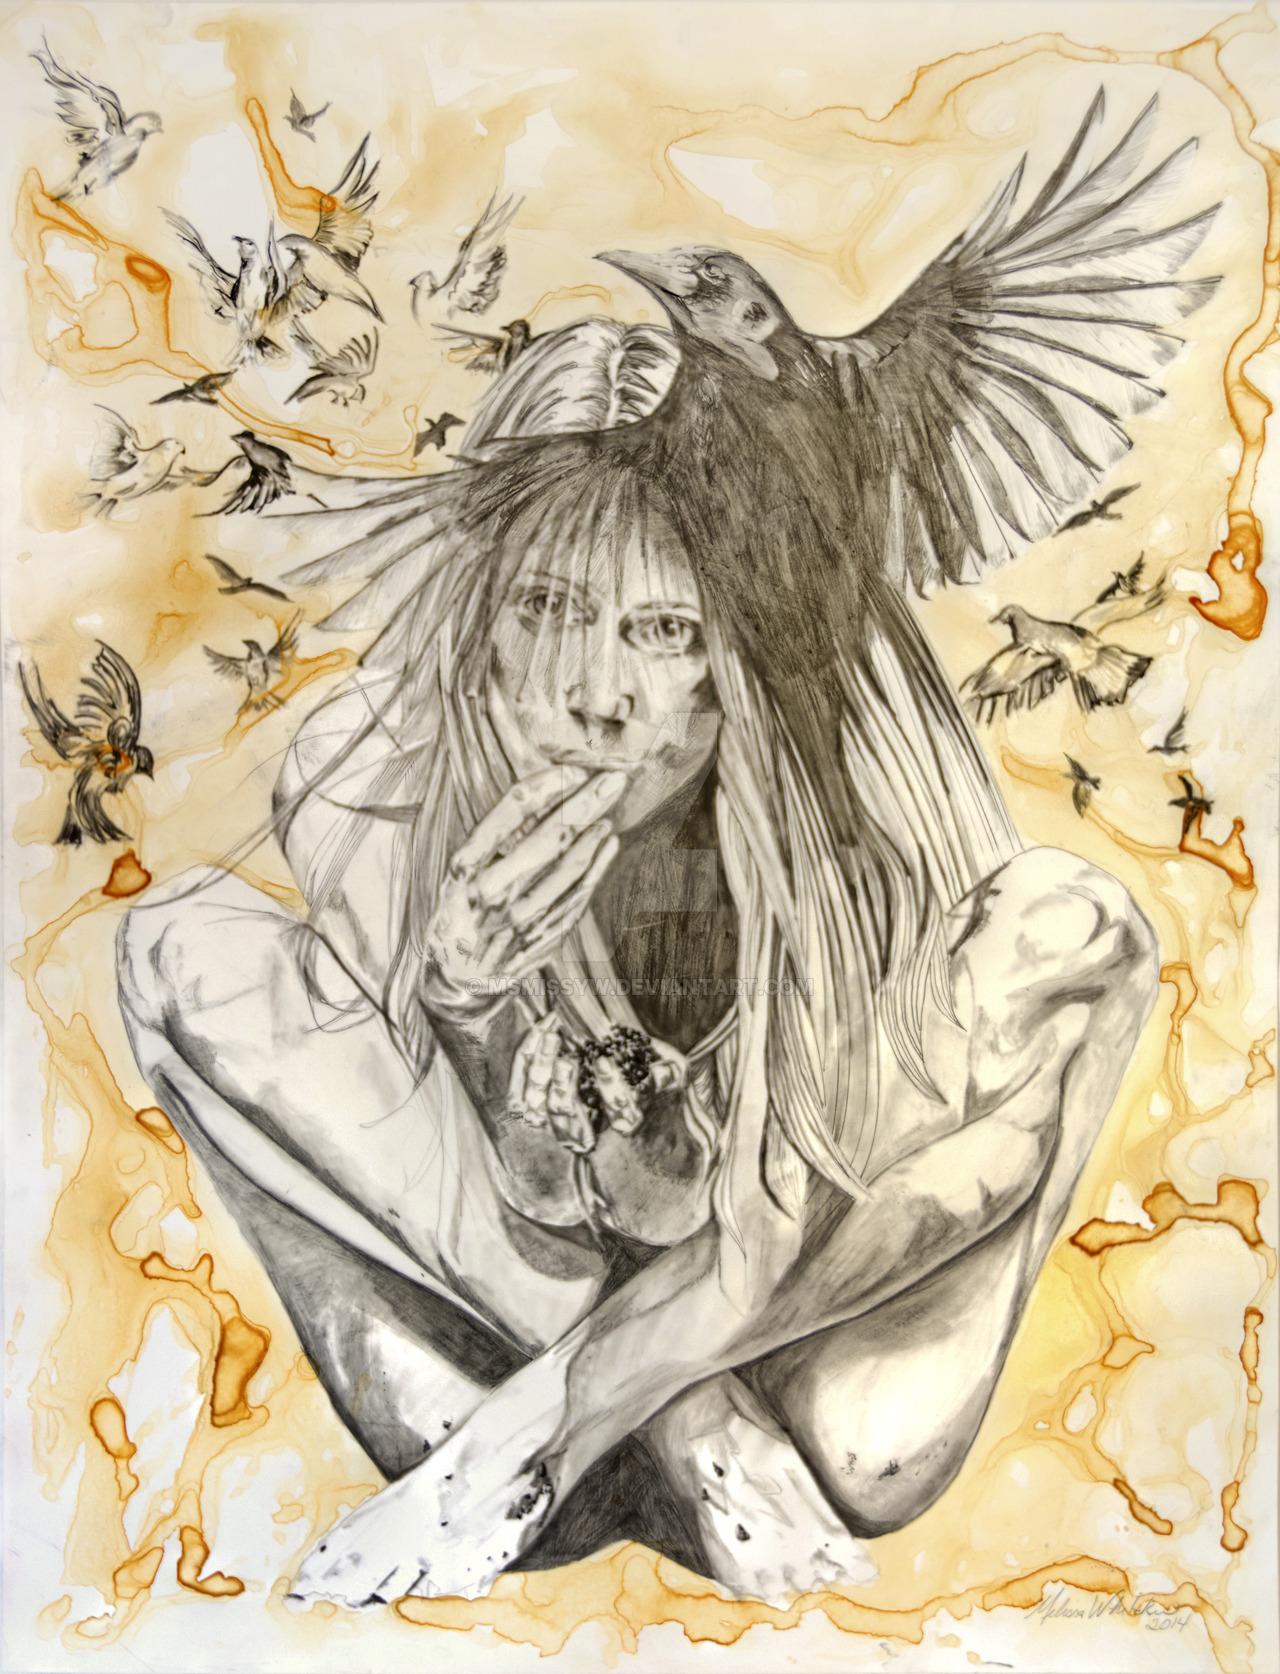 blackbird_by_msmissyw-d7bnuh4.jpg